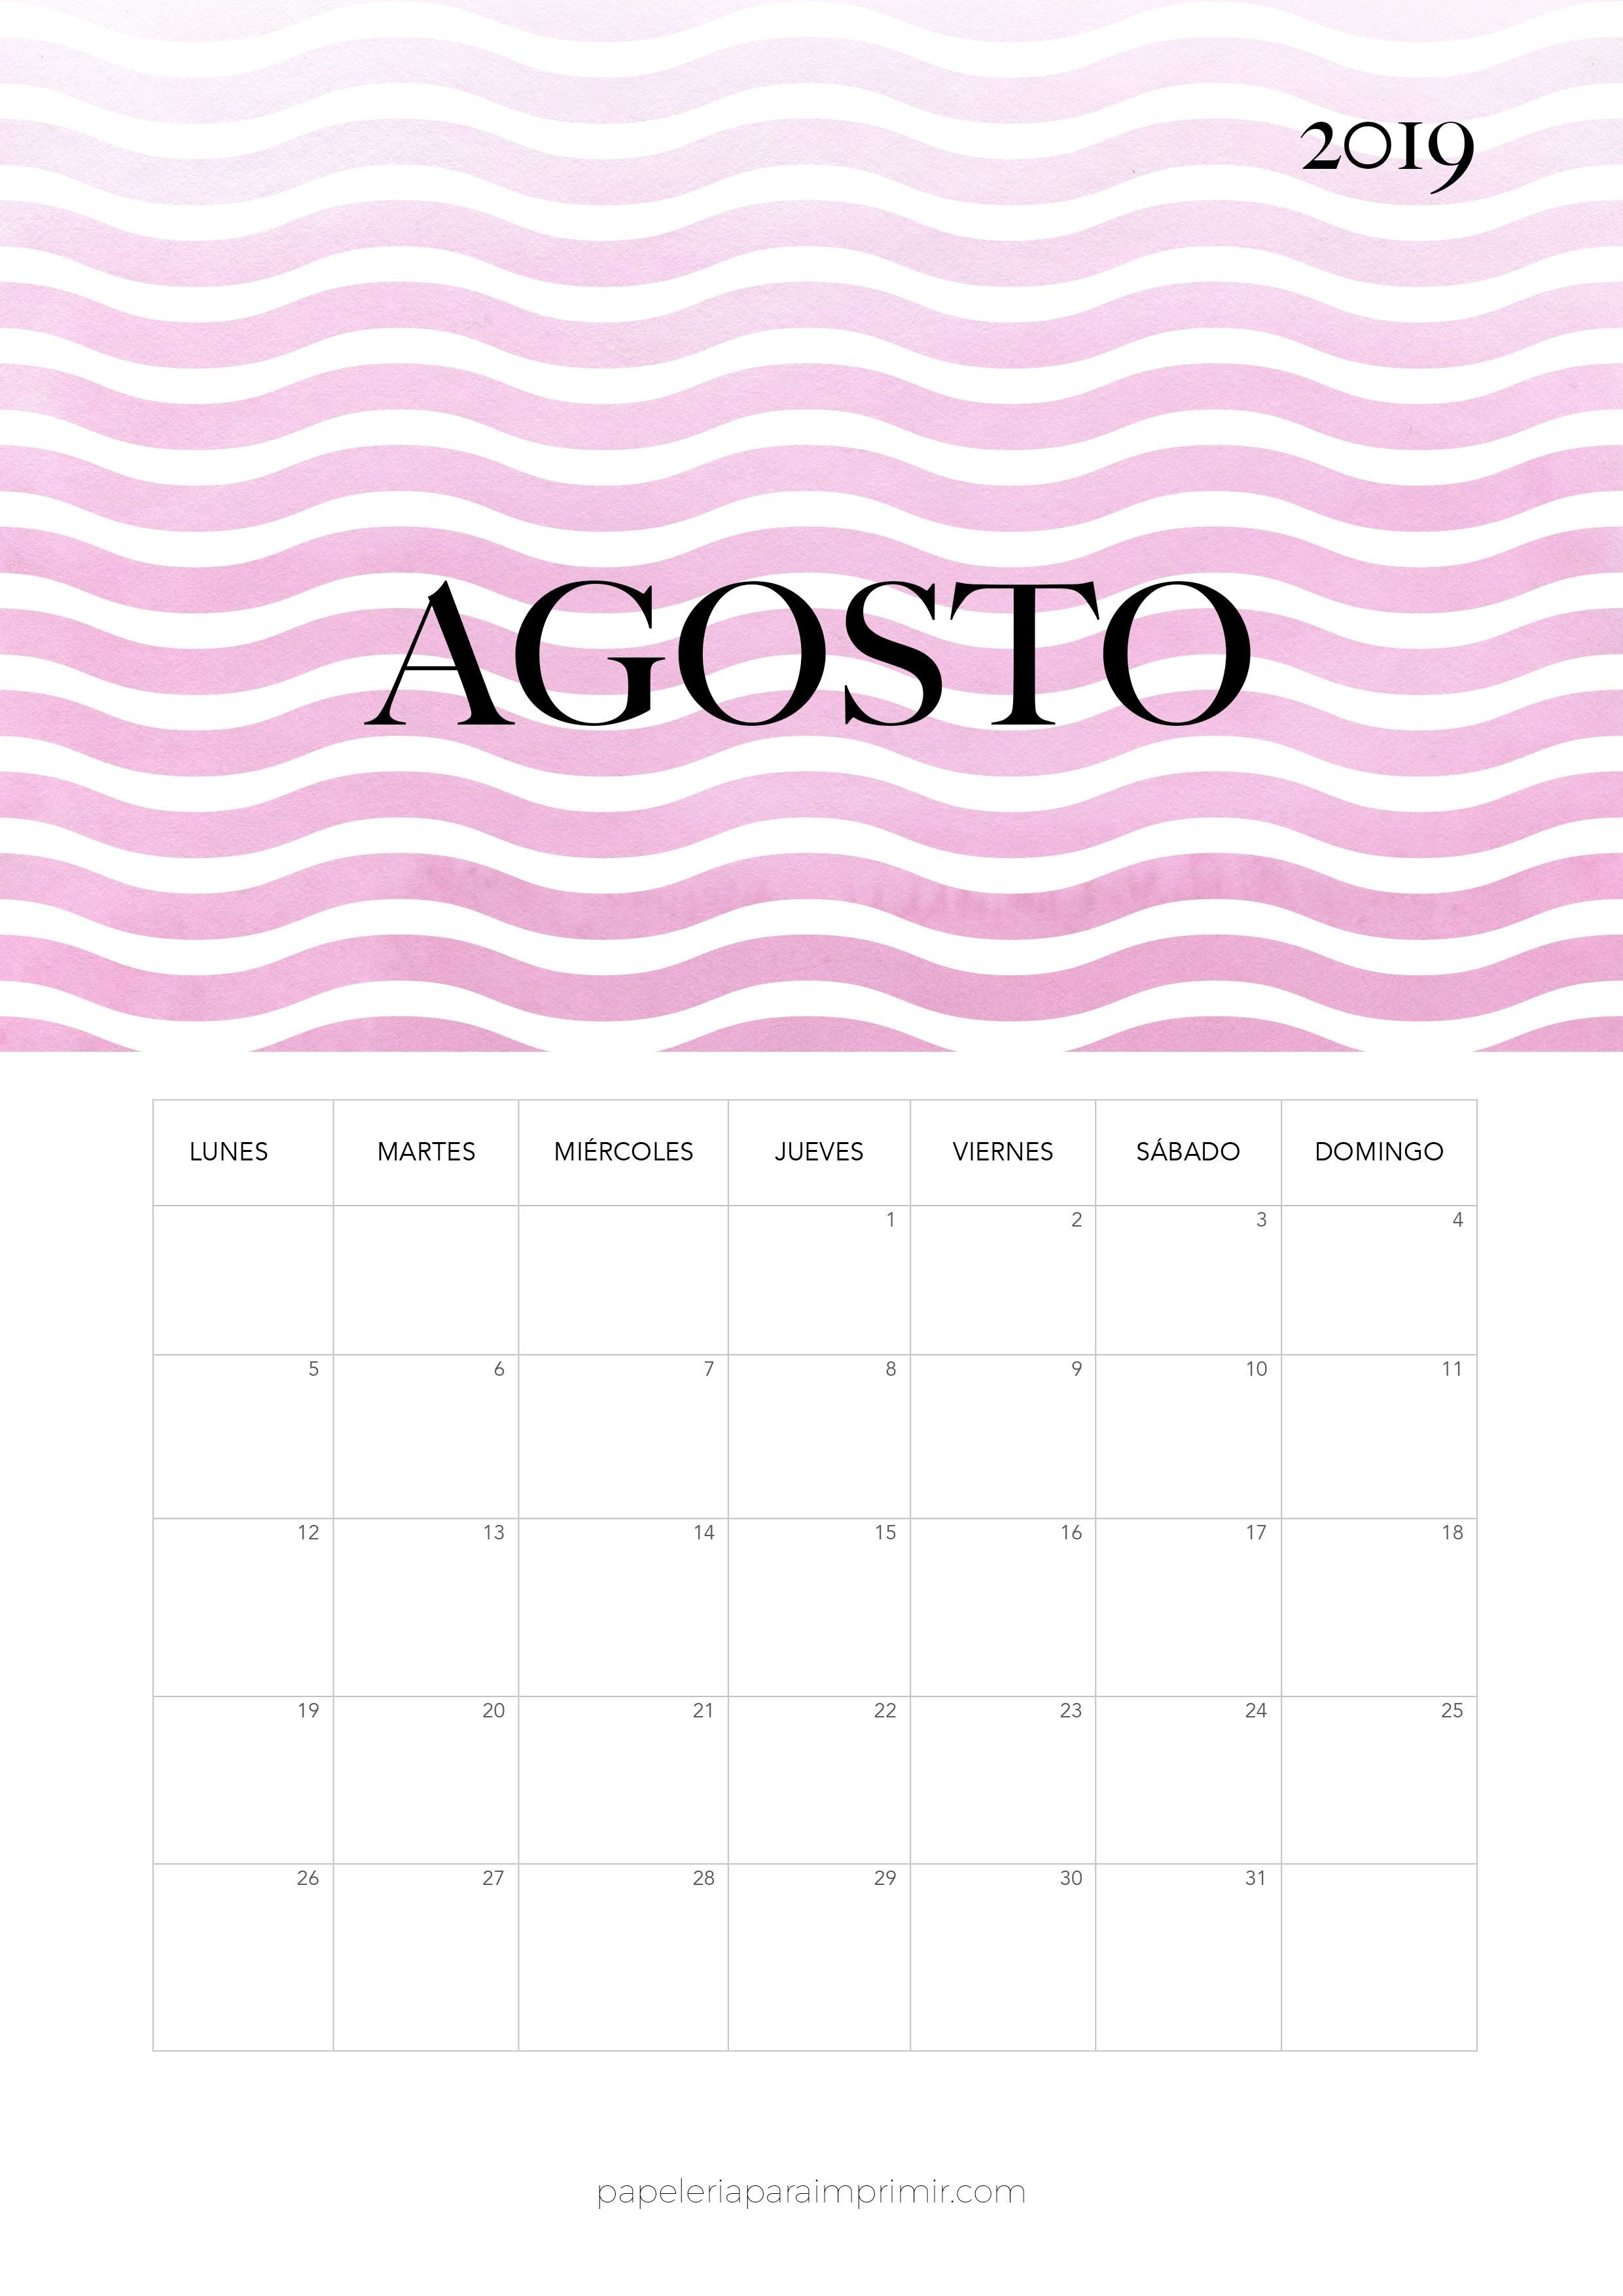 Calendario 2019 Agosto Calendario mensual moderno de estilo minimal para imprimir gratis Descárgalo en alta calidad